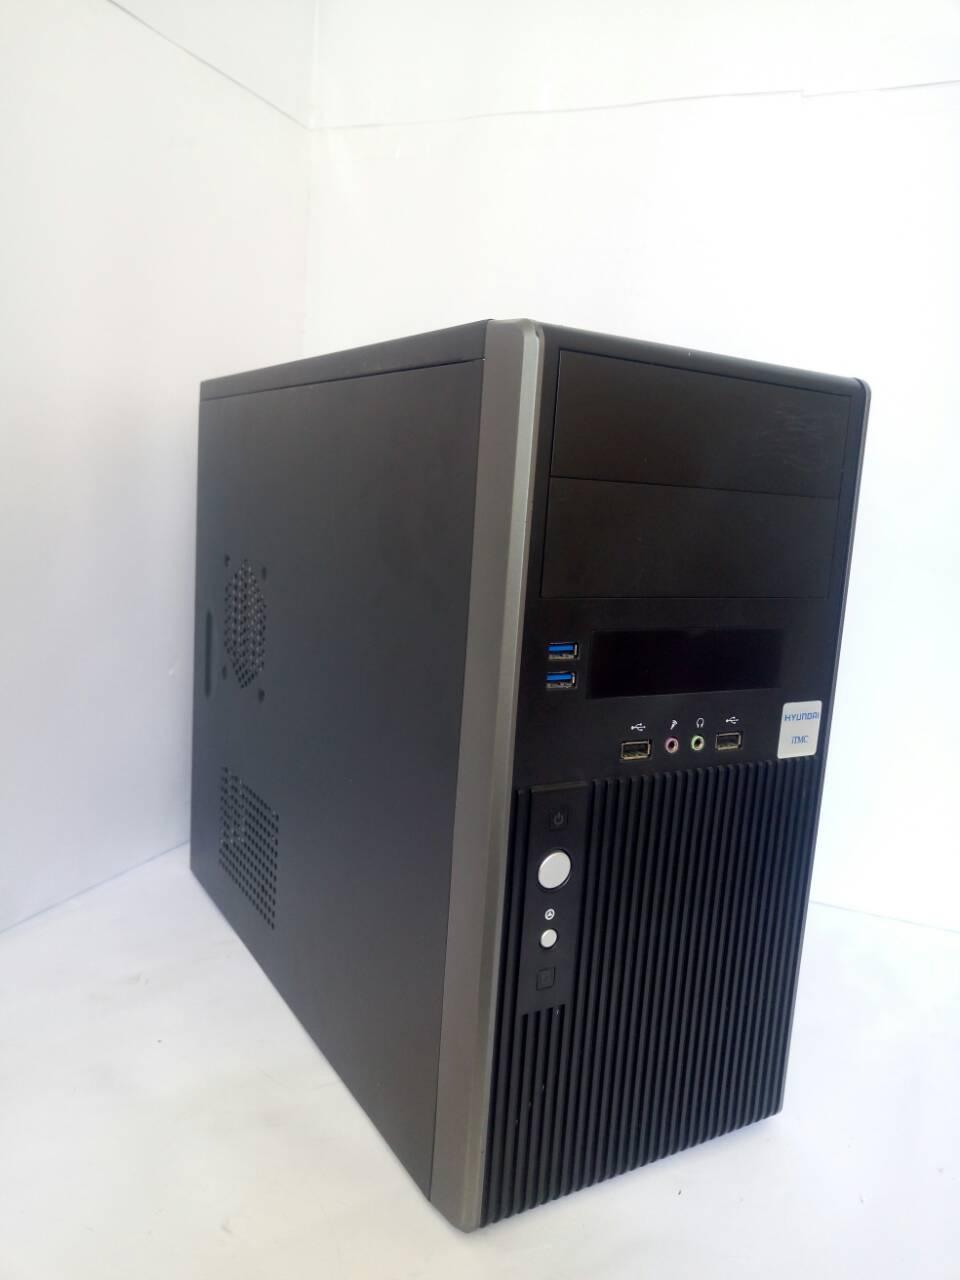 Стандартний системний блок з проц. Intel i5-4590 част. 3,7 ГГц RAM 4 gb